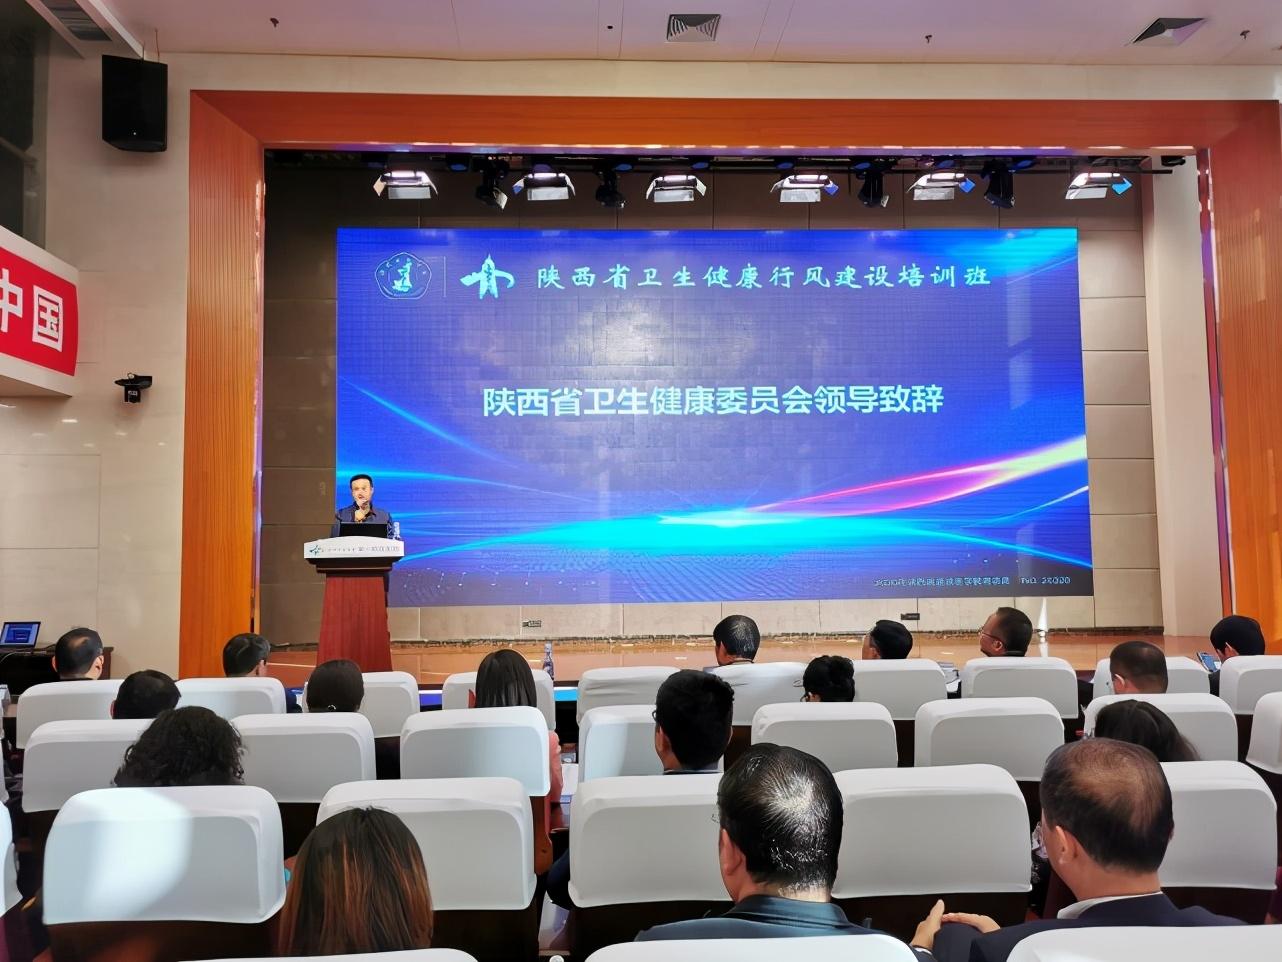 陕西省卫生健康行风建设培训班在西安交大一附院举办